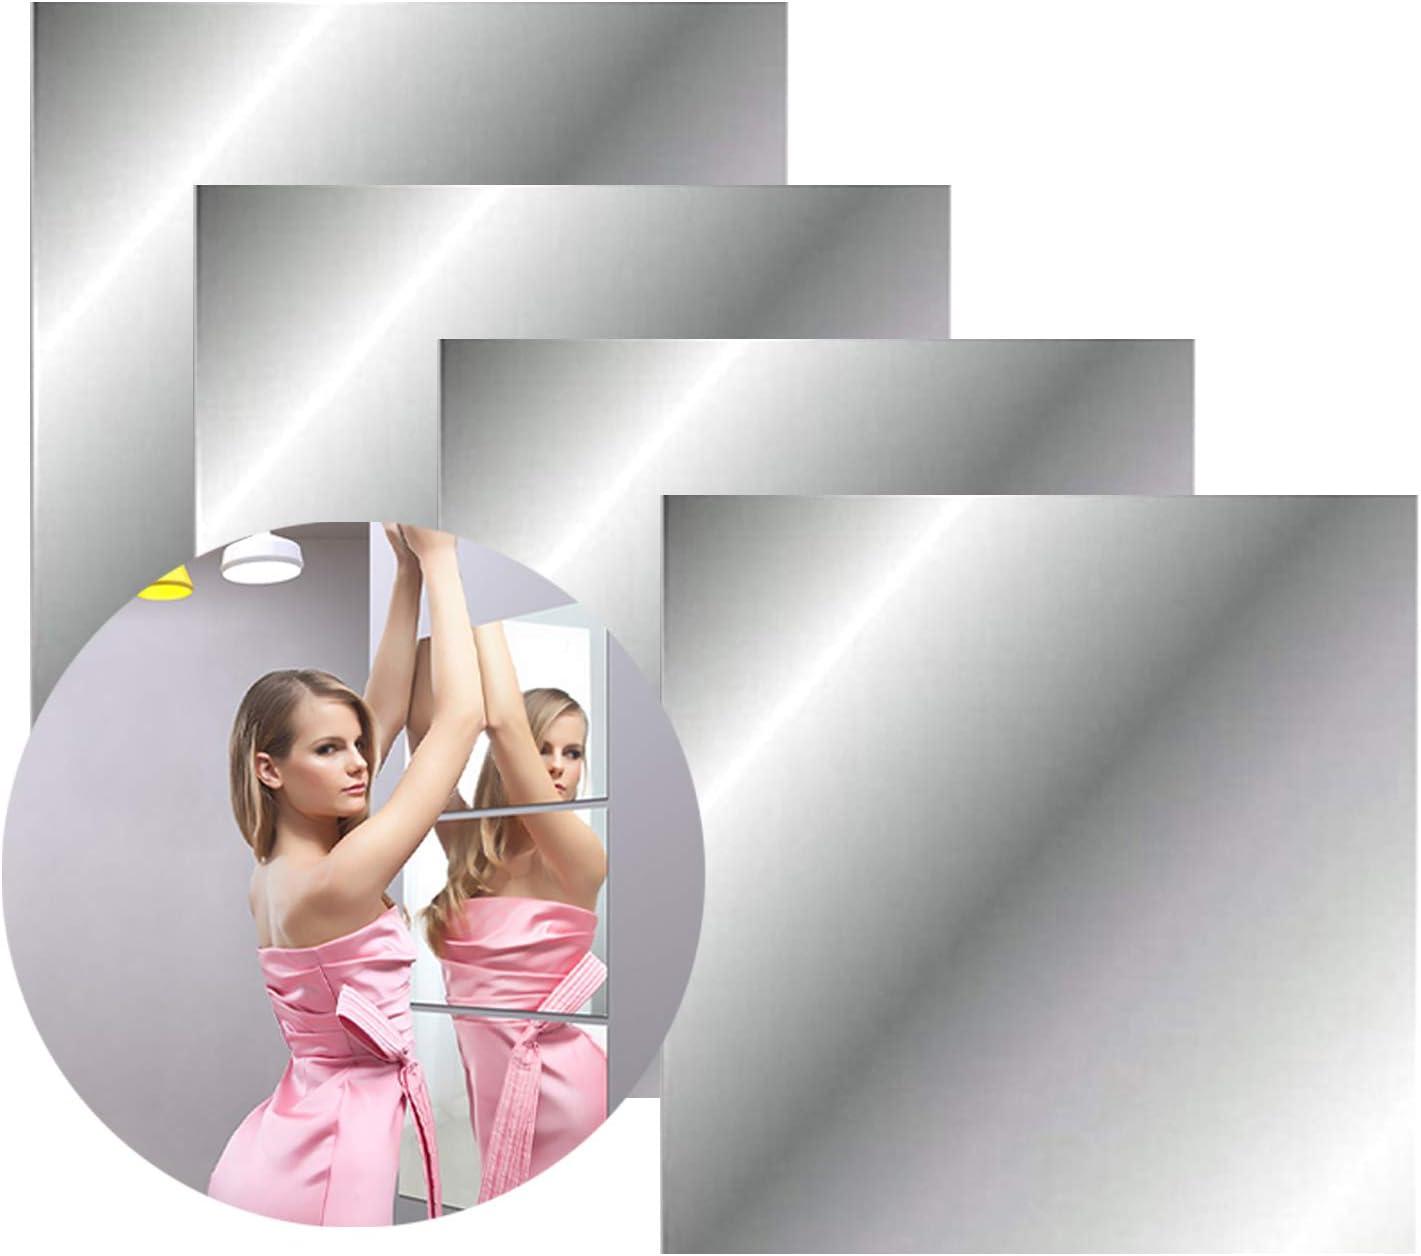 azulejos de espejo no de cristal para decoraci/ón de pared de bricolaje en el hogar dormitorio pegatinas autoadhesivas para espejo de espejo 4 pegatinas de pared de espejo de acr/ílico 30 x 30 cm